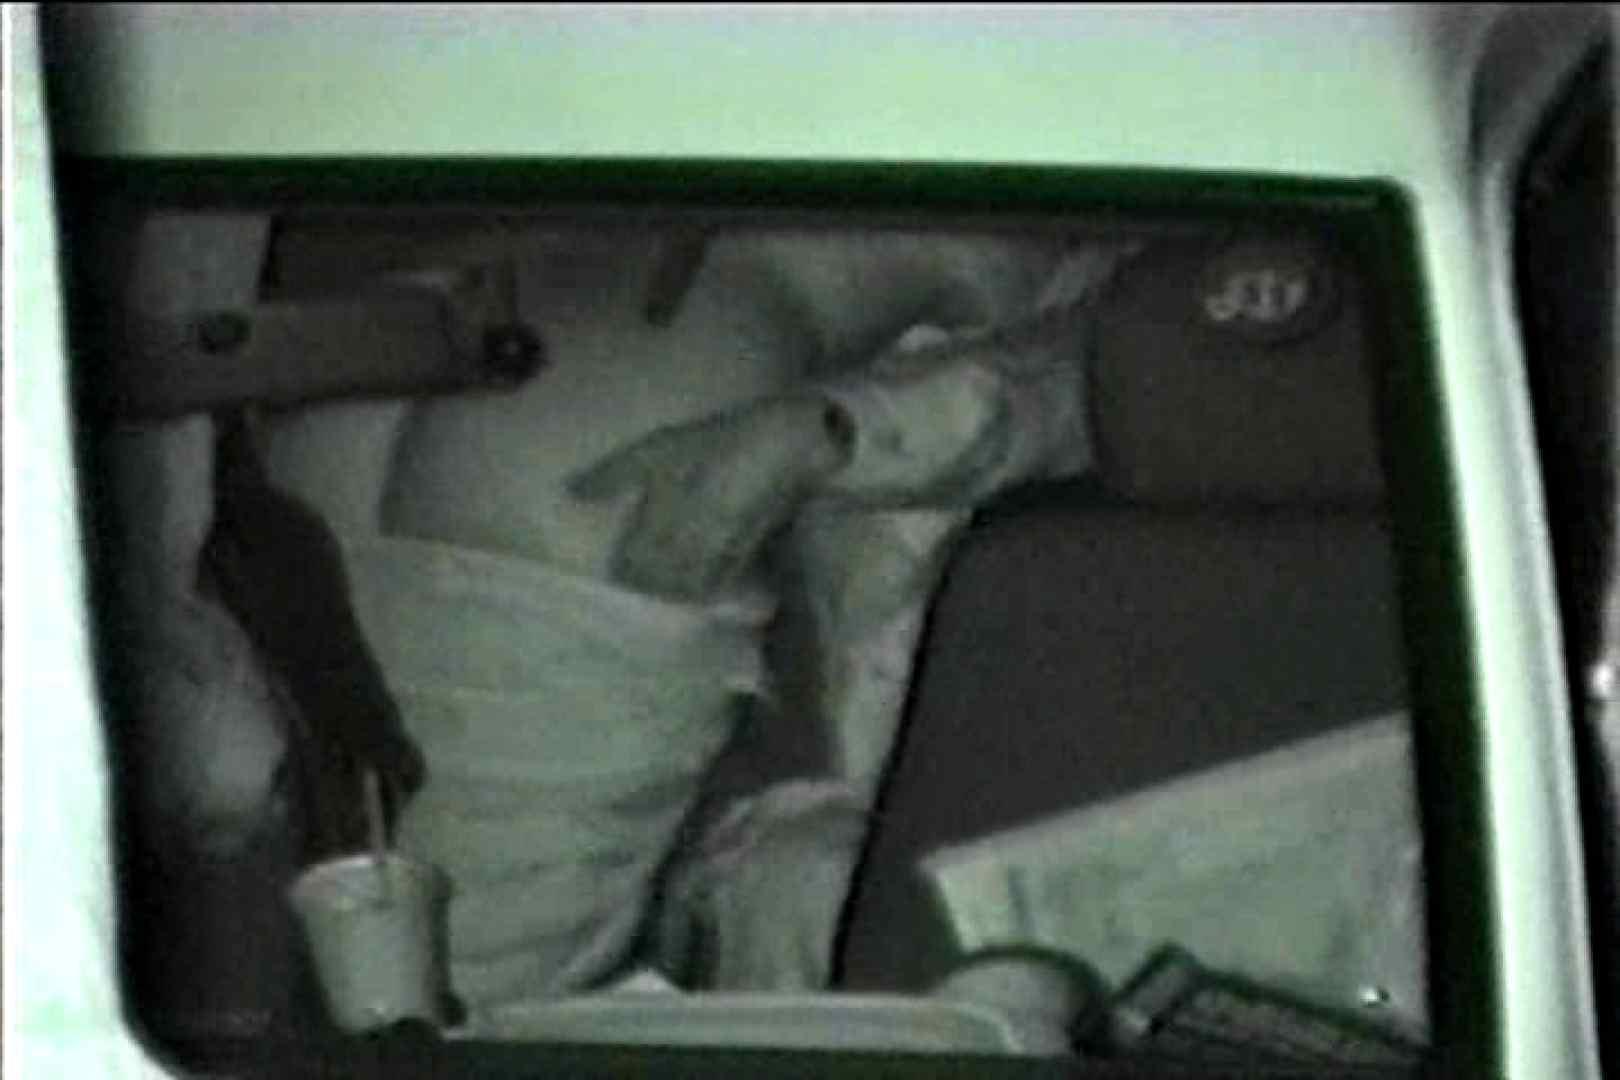 車の中はラブホテル 無修正版  Vol.7 セックス スケベ動画紹介 84pic 11